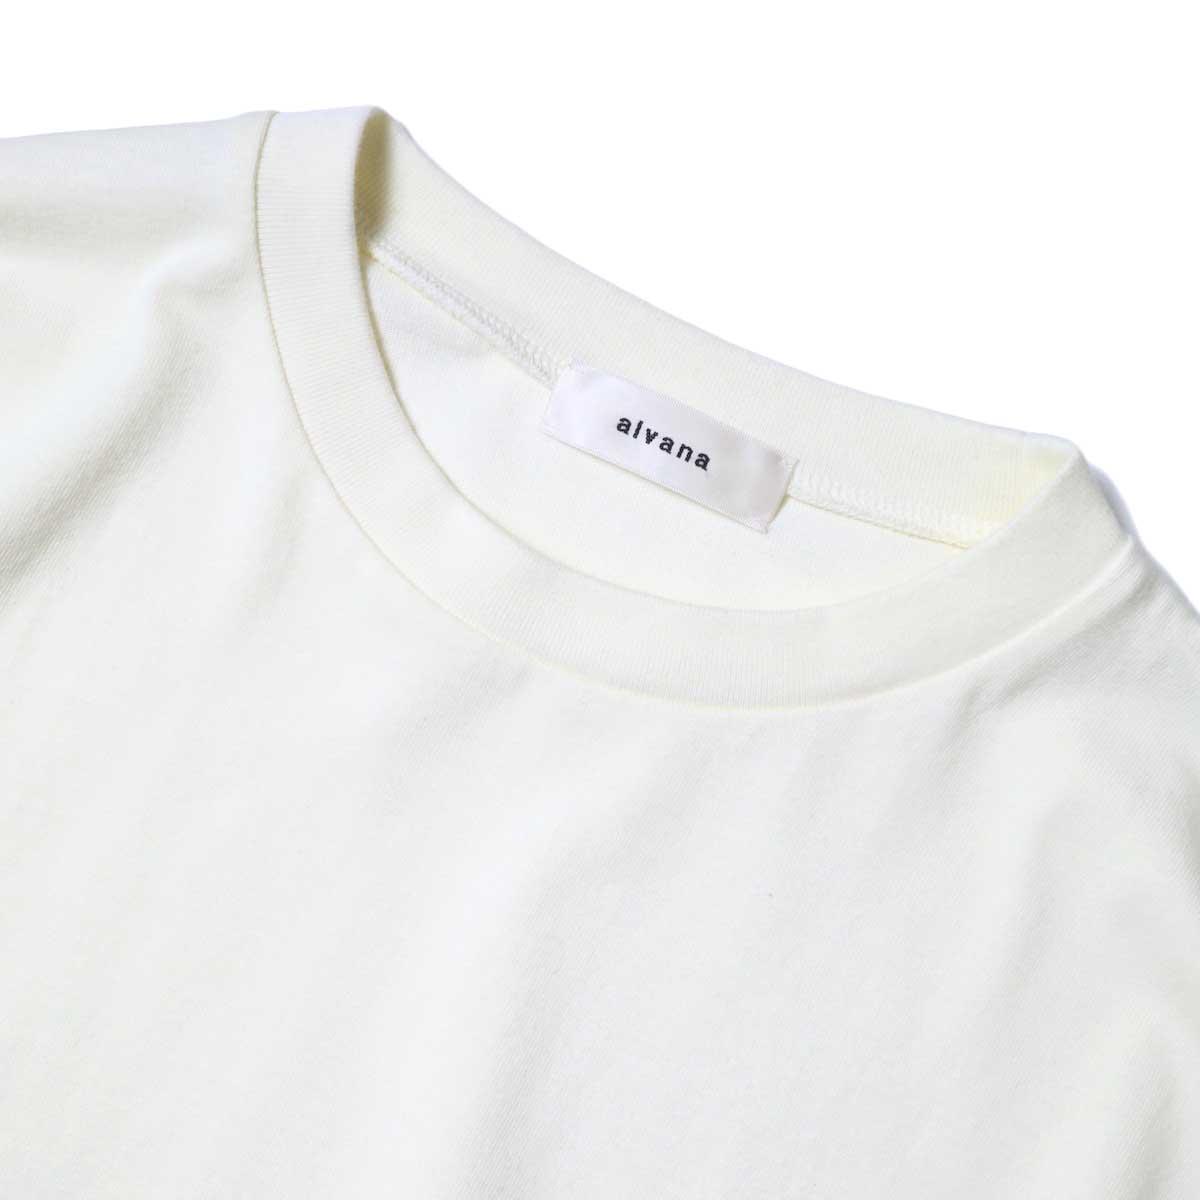 alvana / Dairy Oversize Tee Shirts (Ivory) ネック